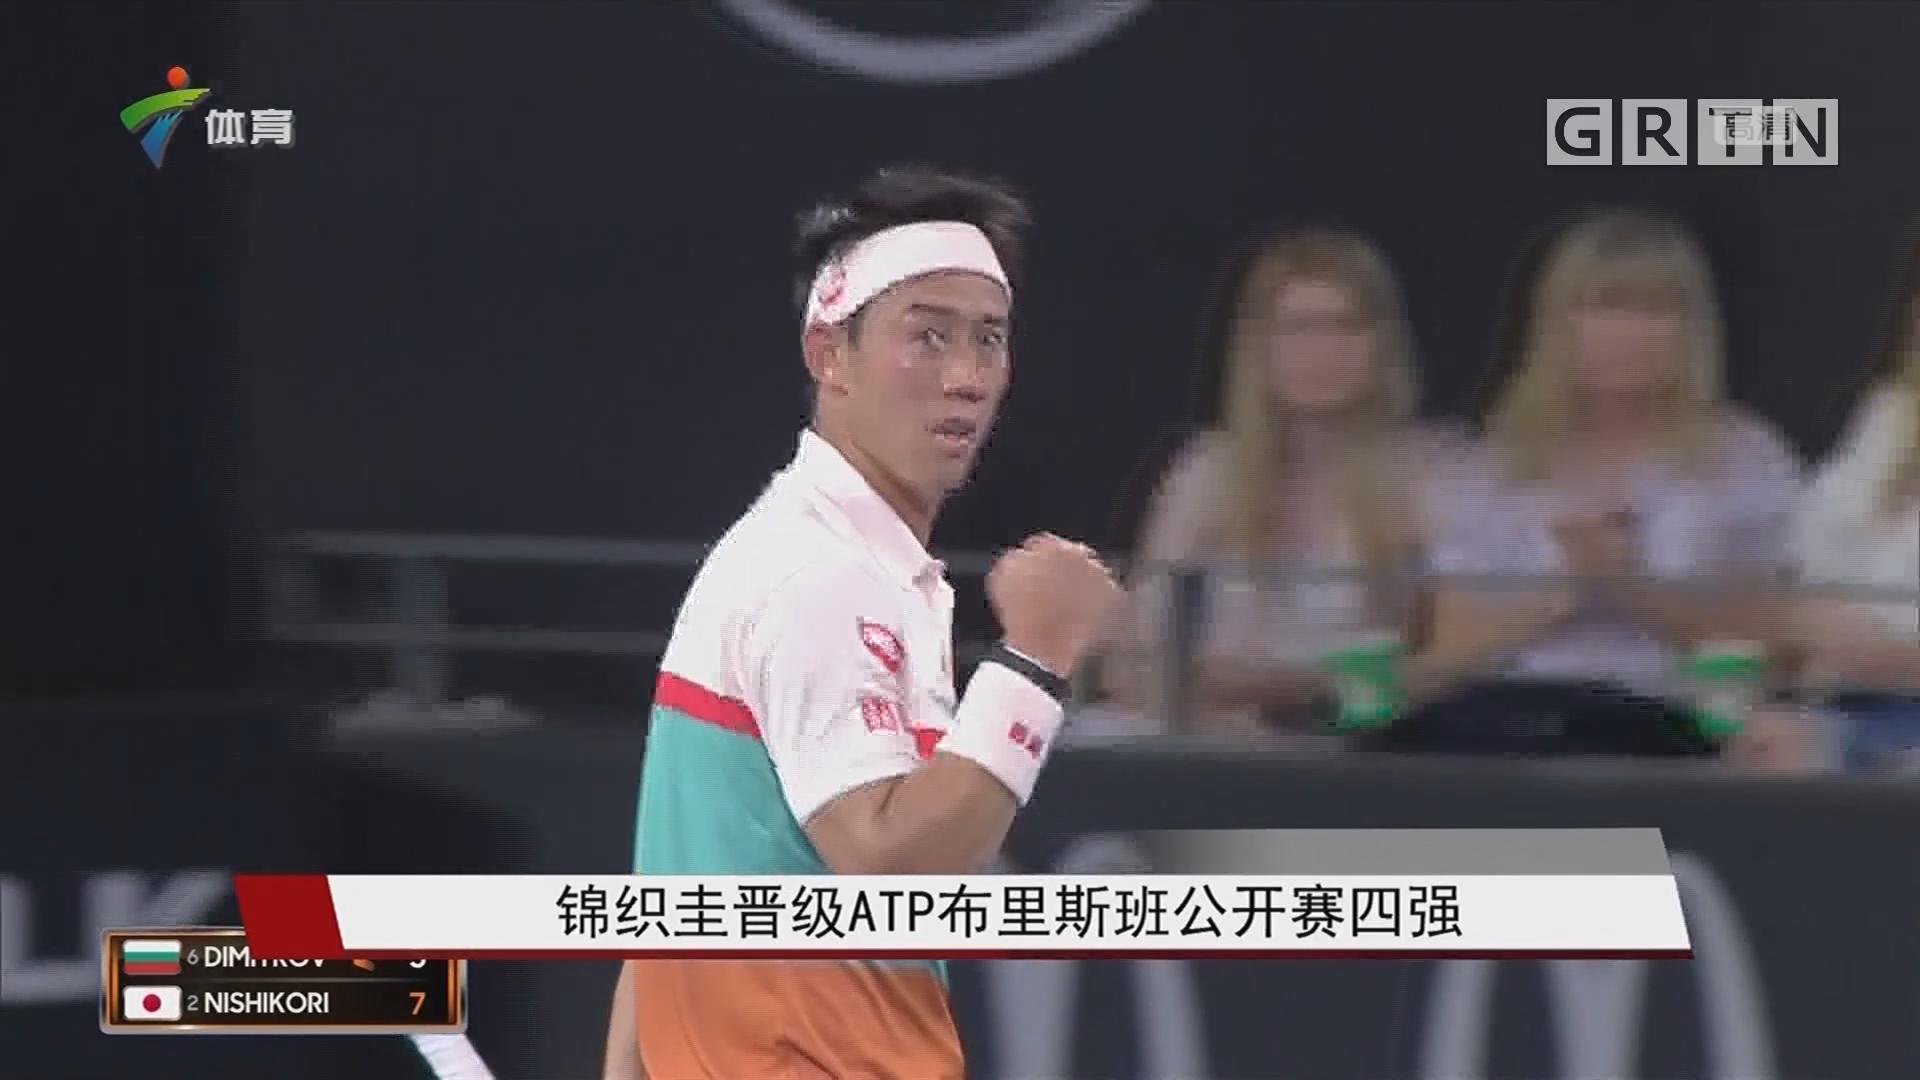 锦织圭晋级ATP布里斯班公开赛四强